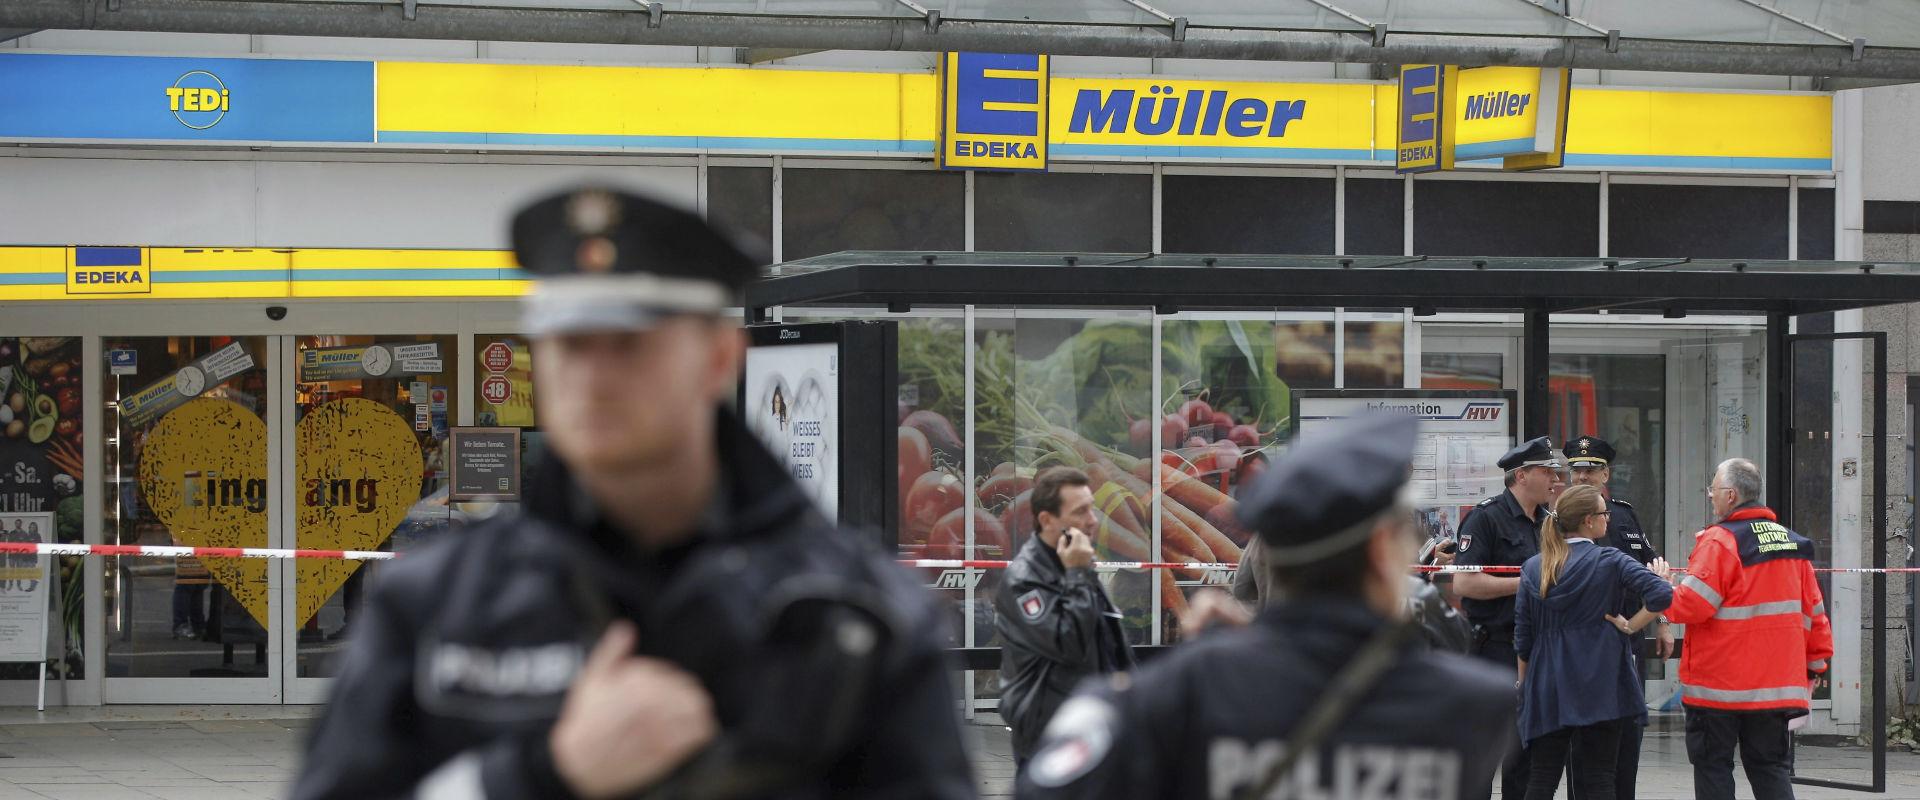 זירת הפיגוע בהמבורג, אתמול (צילום: אי-פי)